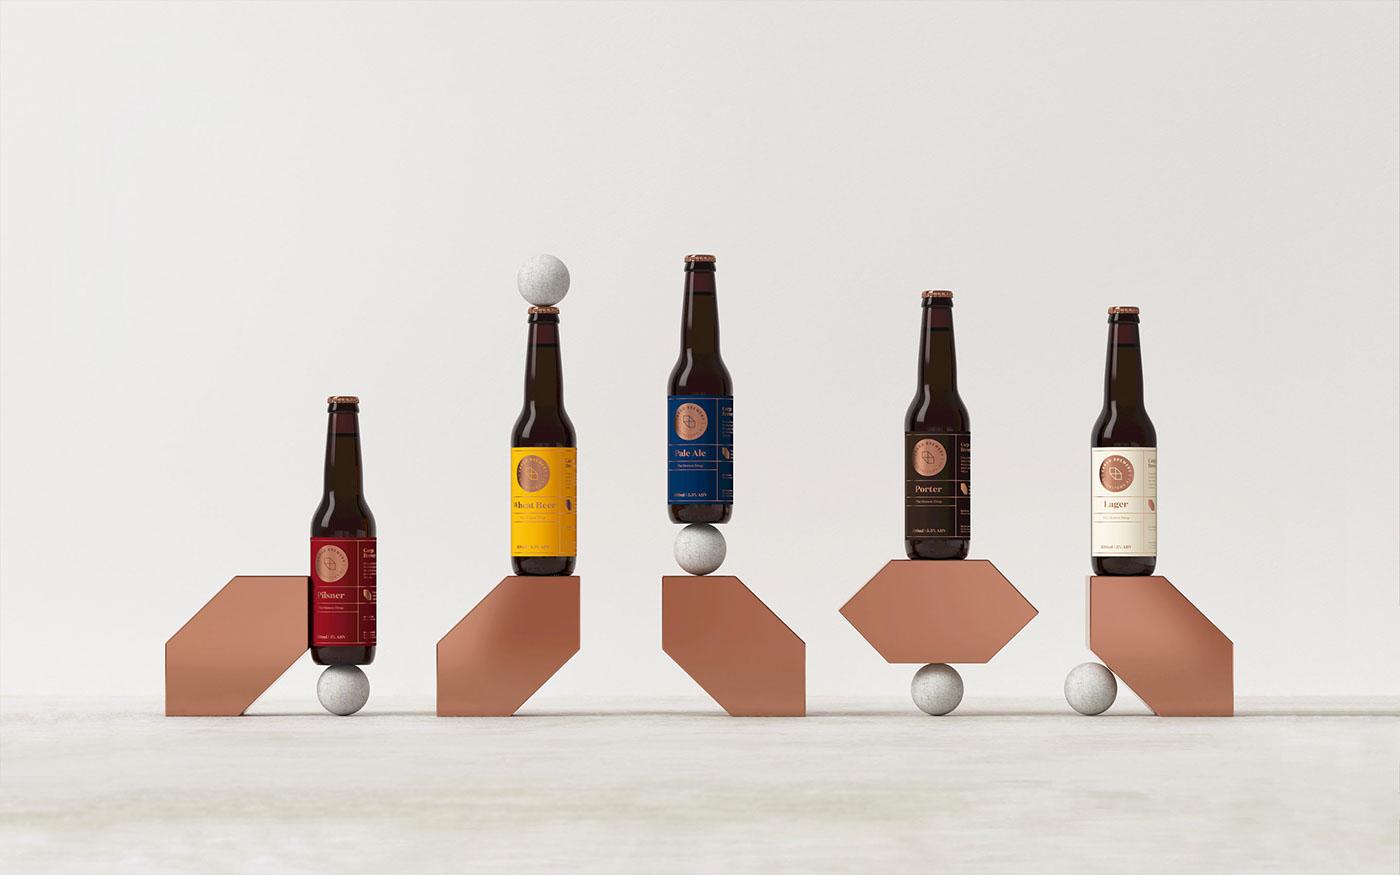 beer craftbeer craft labels foodtruck paleale lager porter wheatbeer pilsner Labeldesign packagingdesign newzealand queenstown queenstowndesign